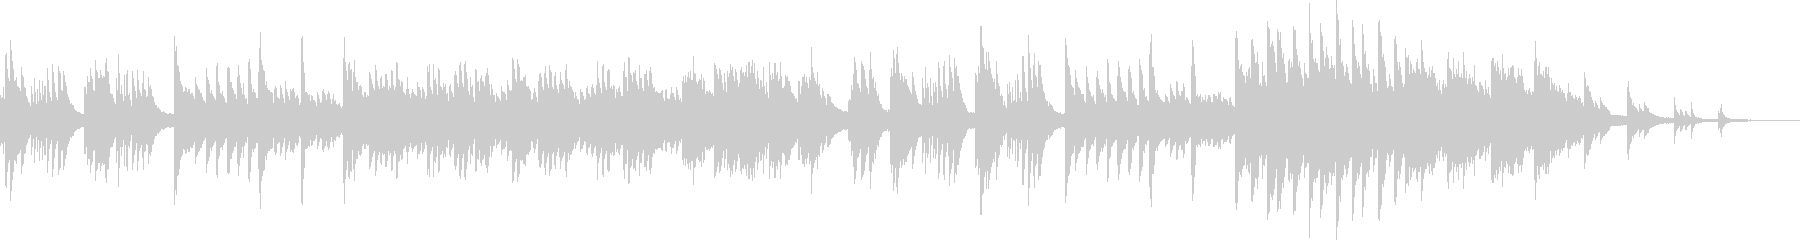 波紋をイメージした甘美なピアノソロの未再生の波形